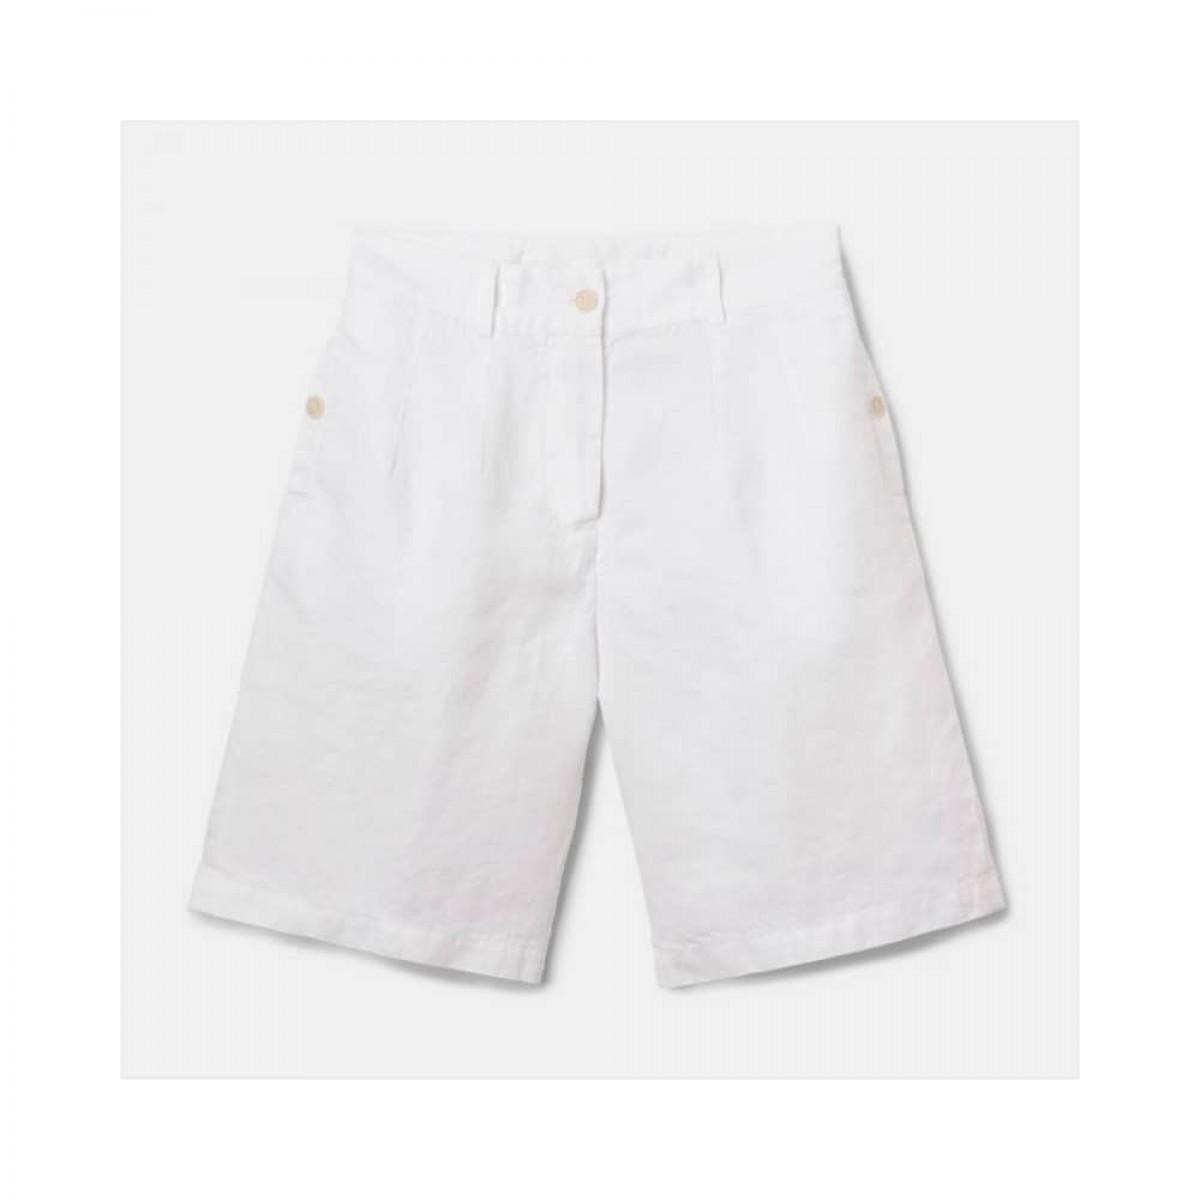 bermuda donna shorts - white